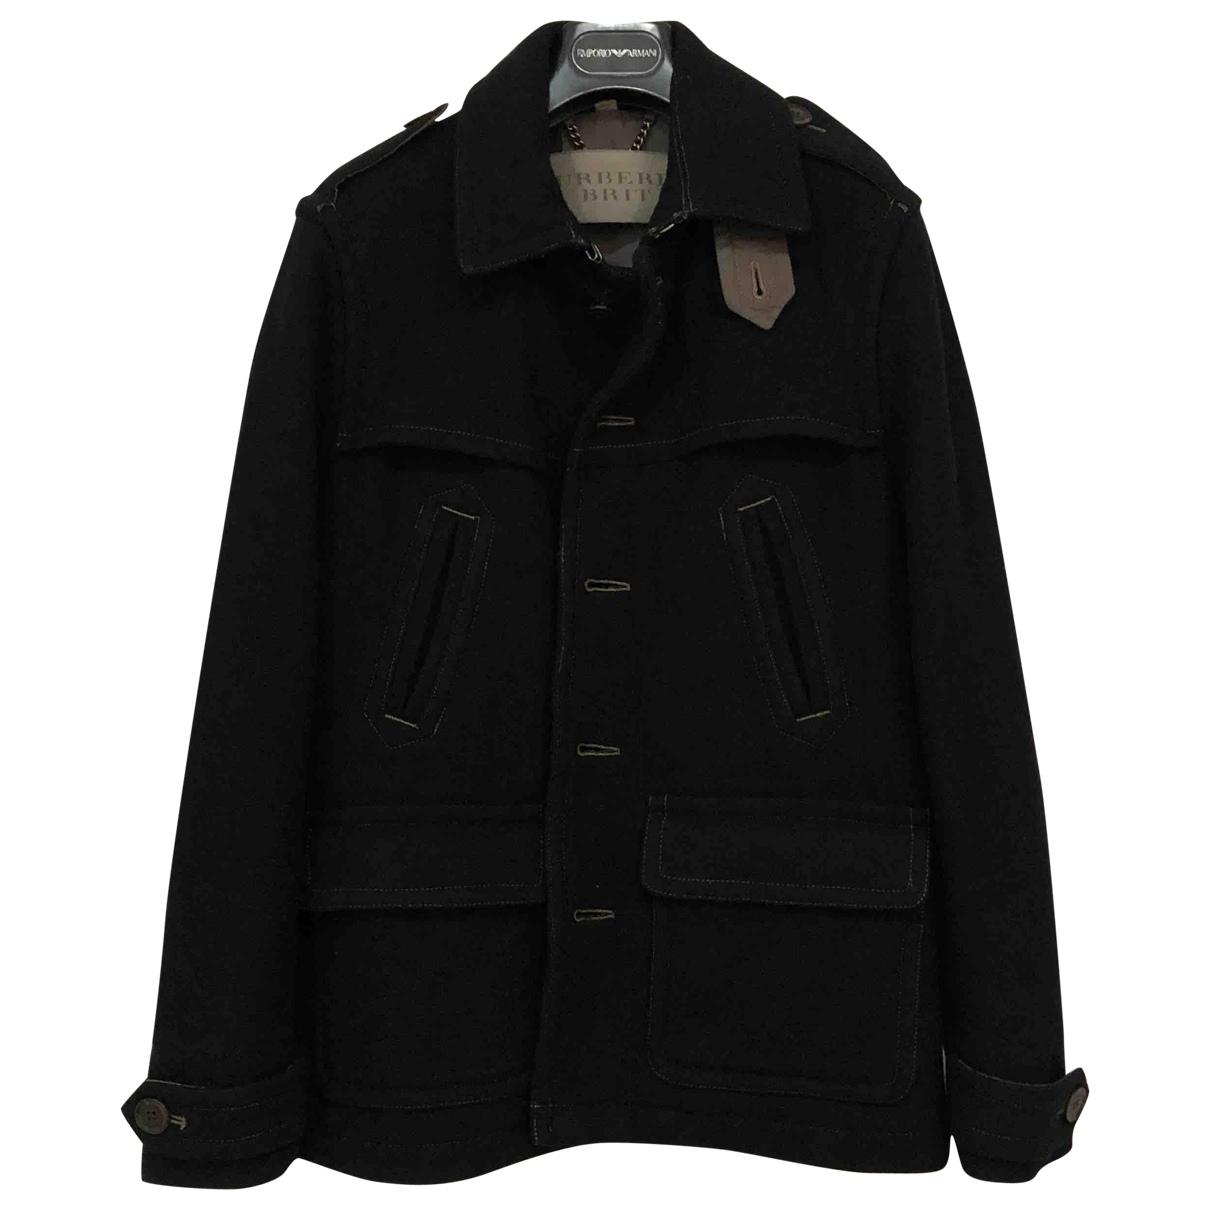 Burberry - Manteau   pour homme en laine - noir